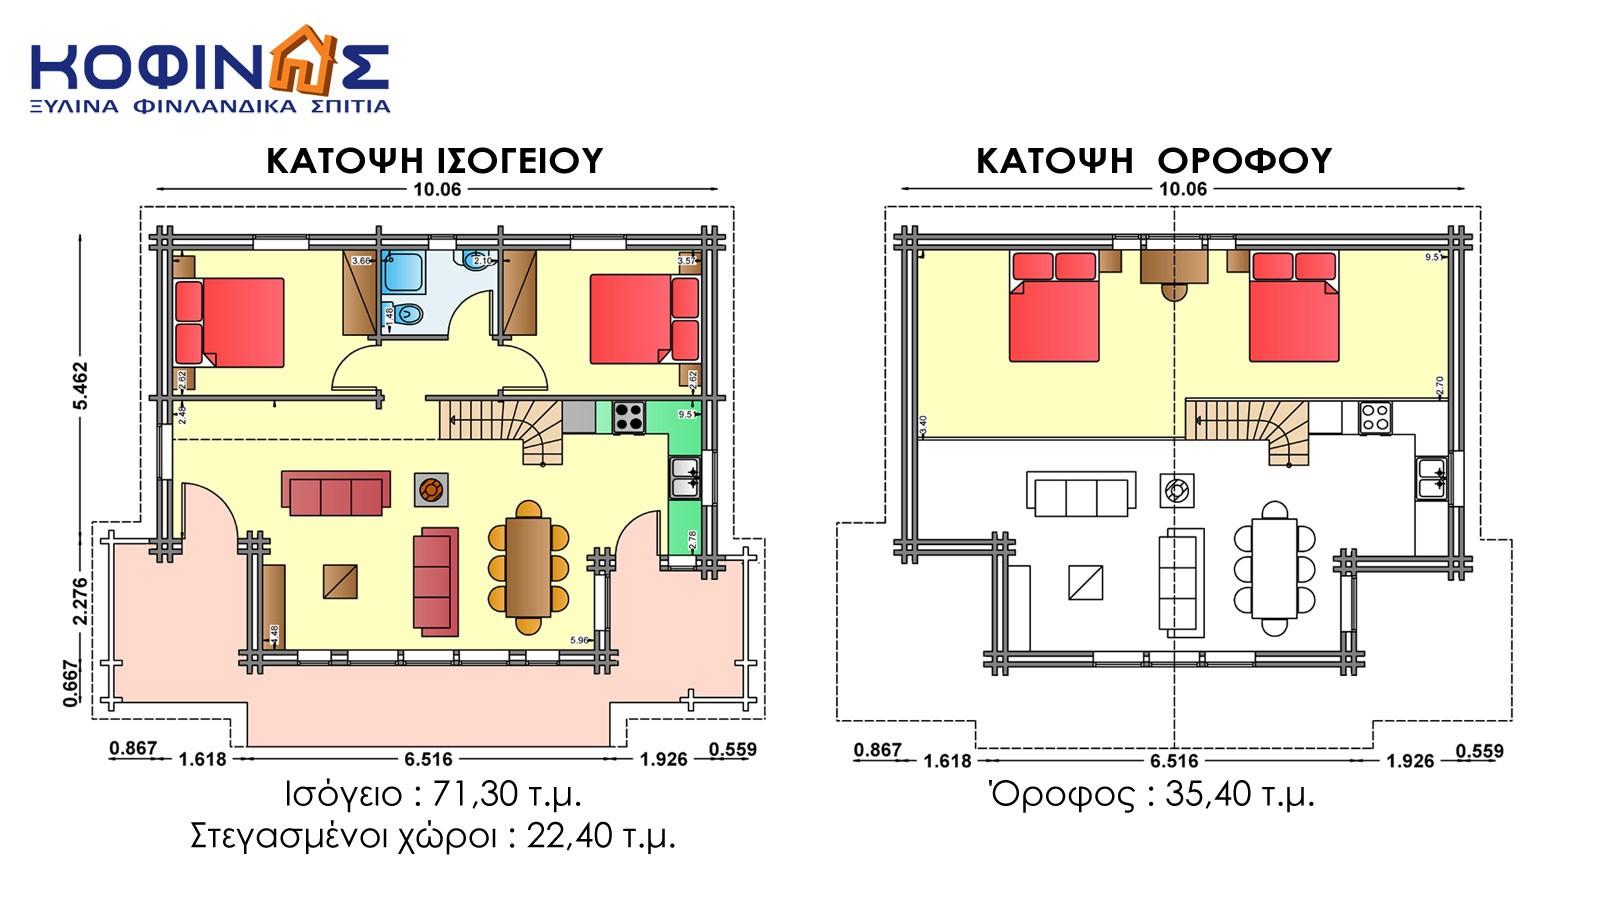 Διώροφη Ξύλινη Κατοικία XD-106, συνολικής επιφάνειας 106,70 τ.μ.